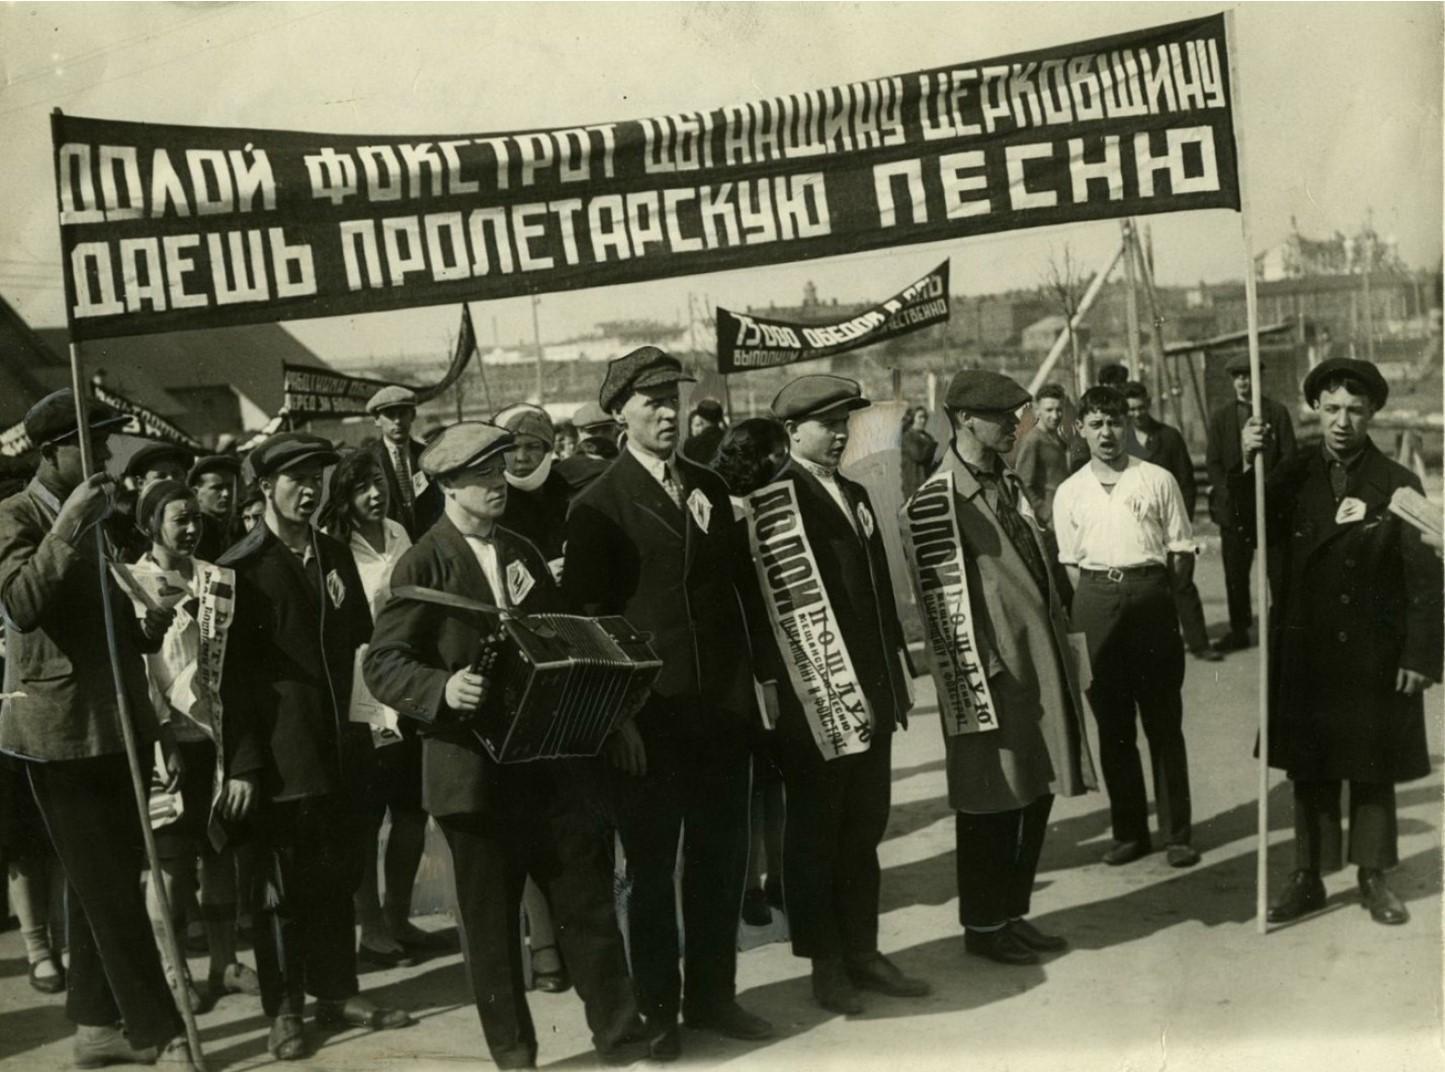 1932. Парад советских цыганских активистов